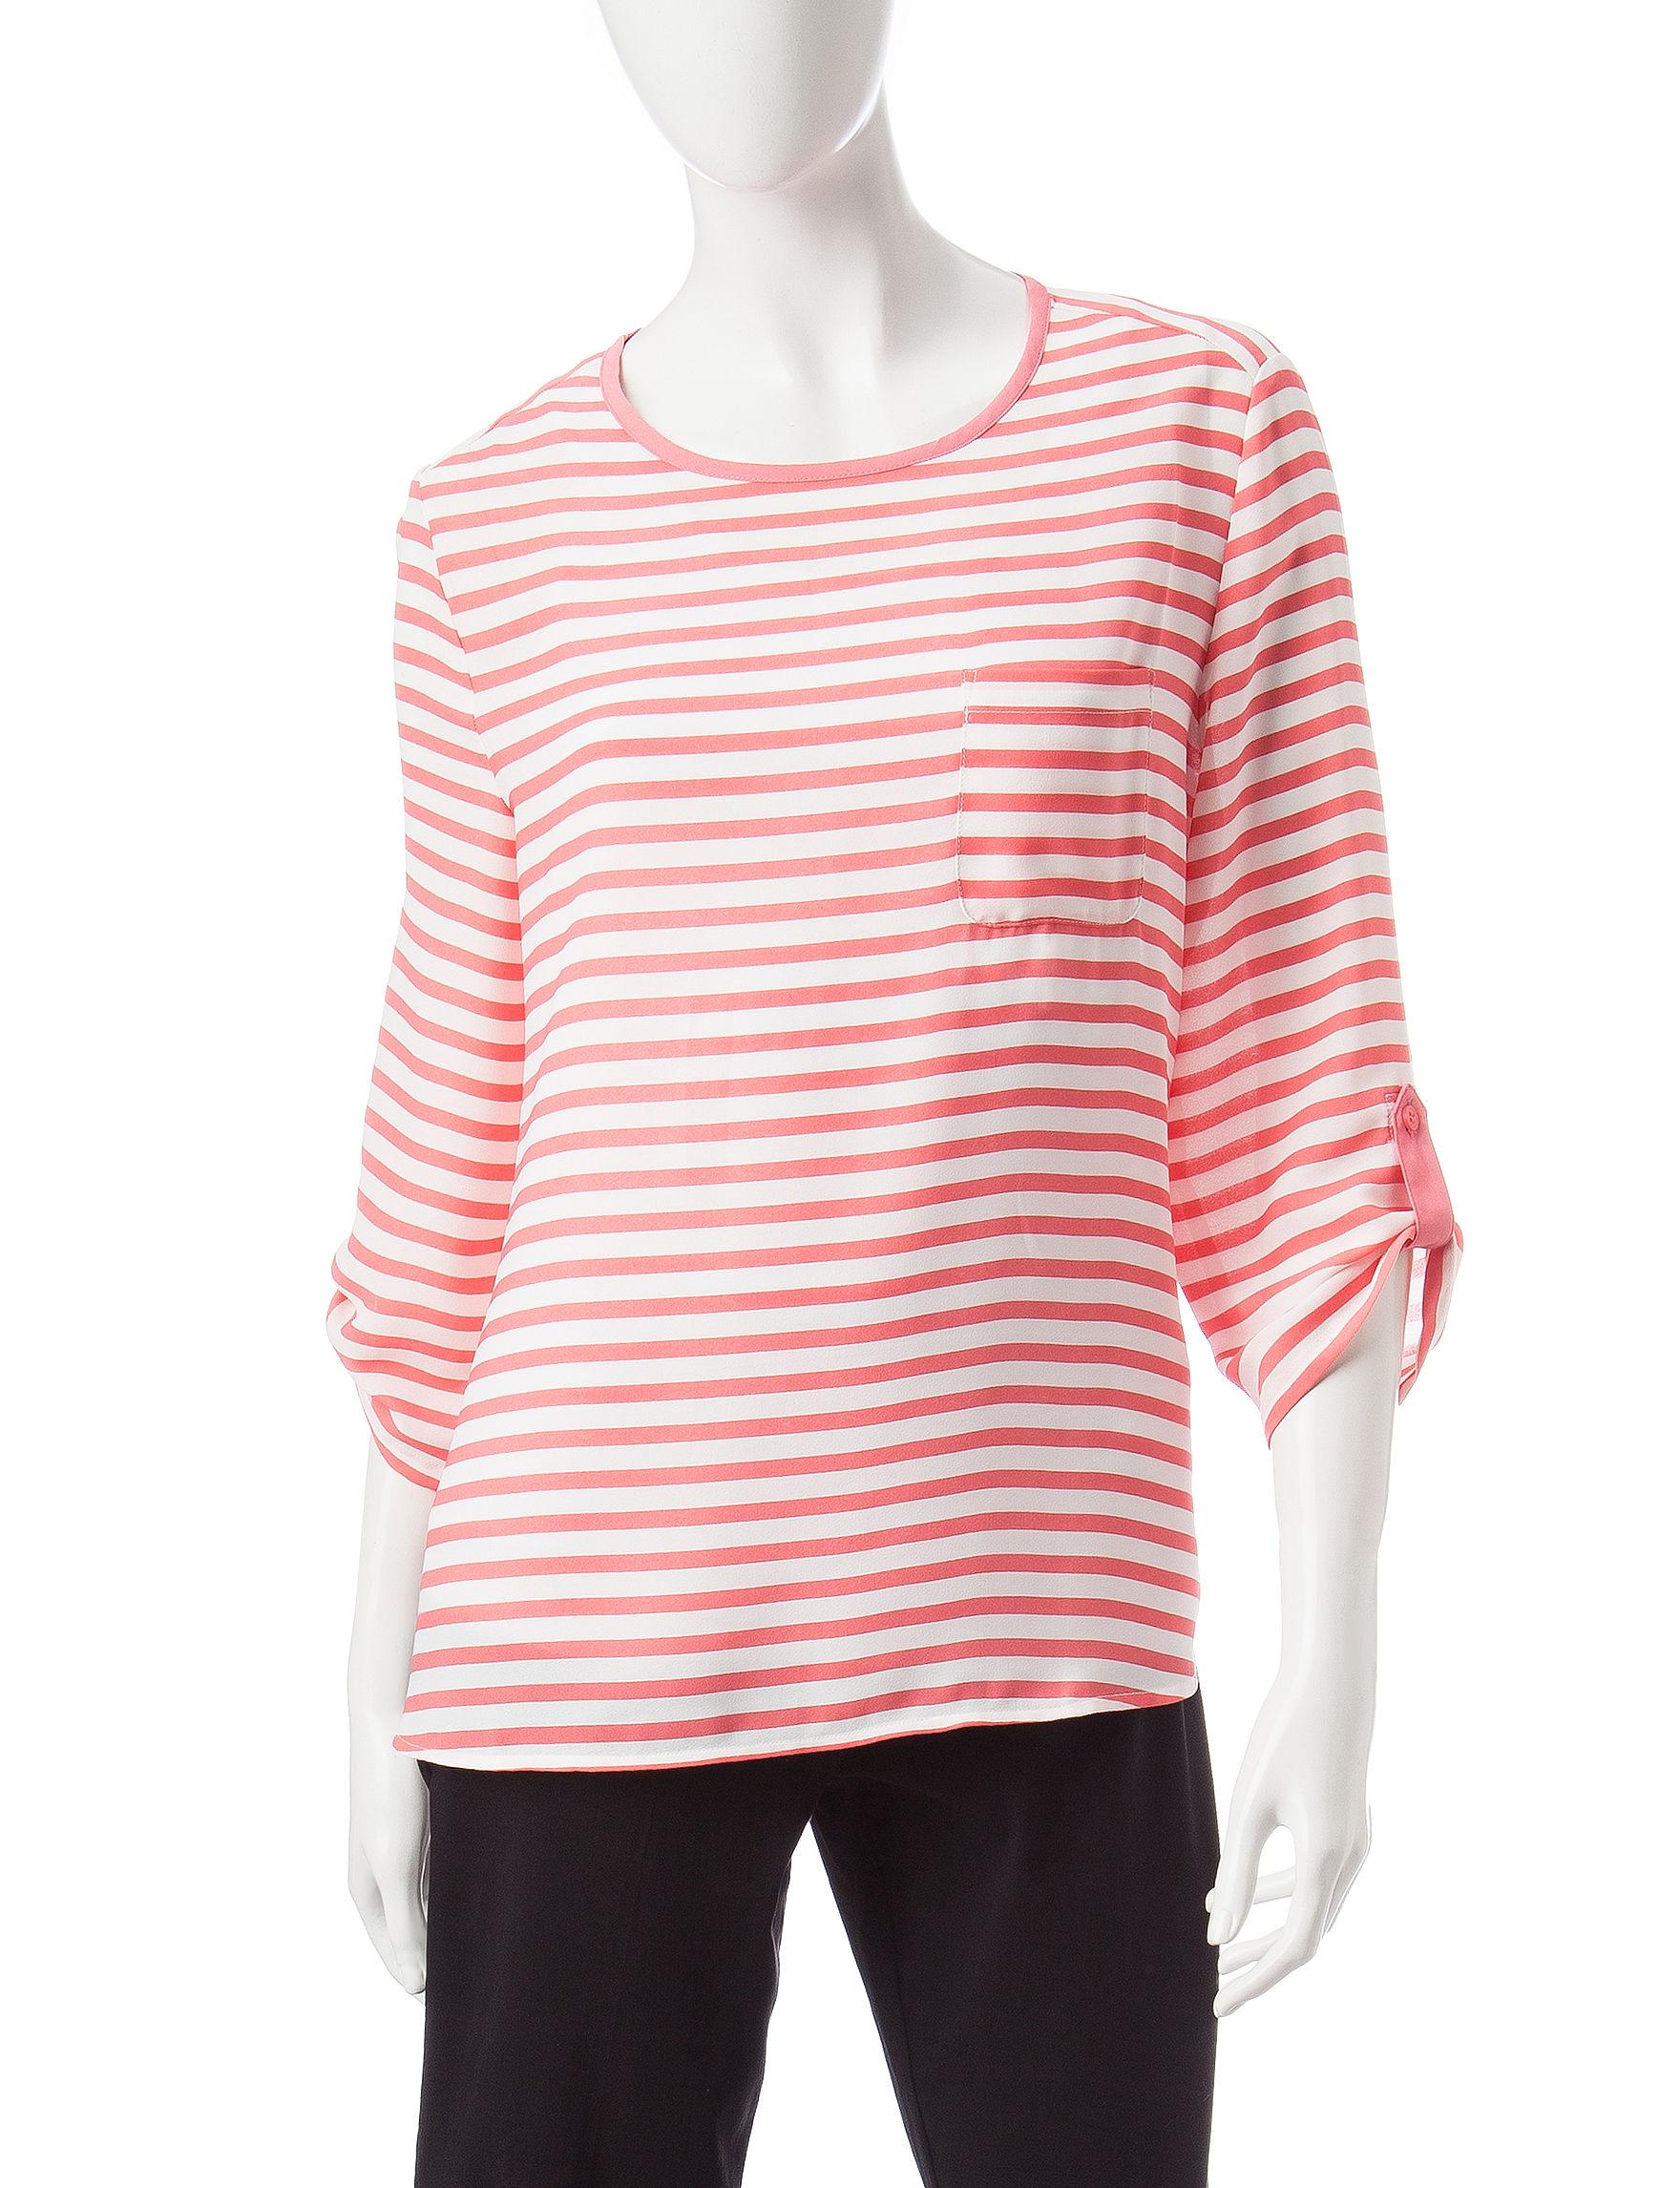 Valerie Stevens Orange / White Shirts & Blouses